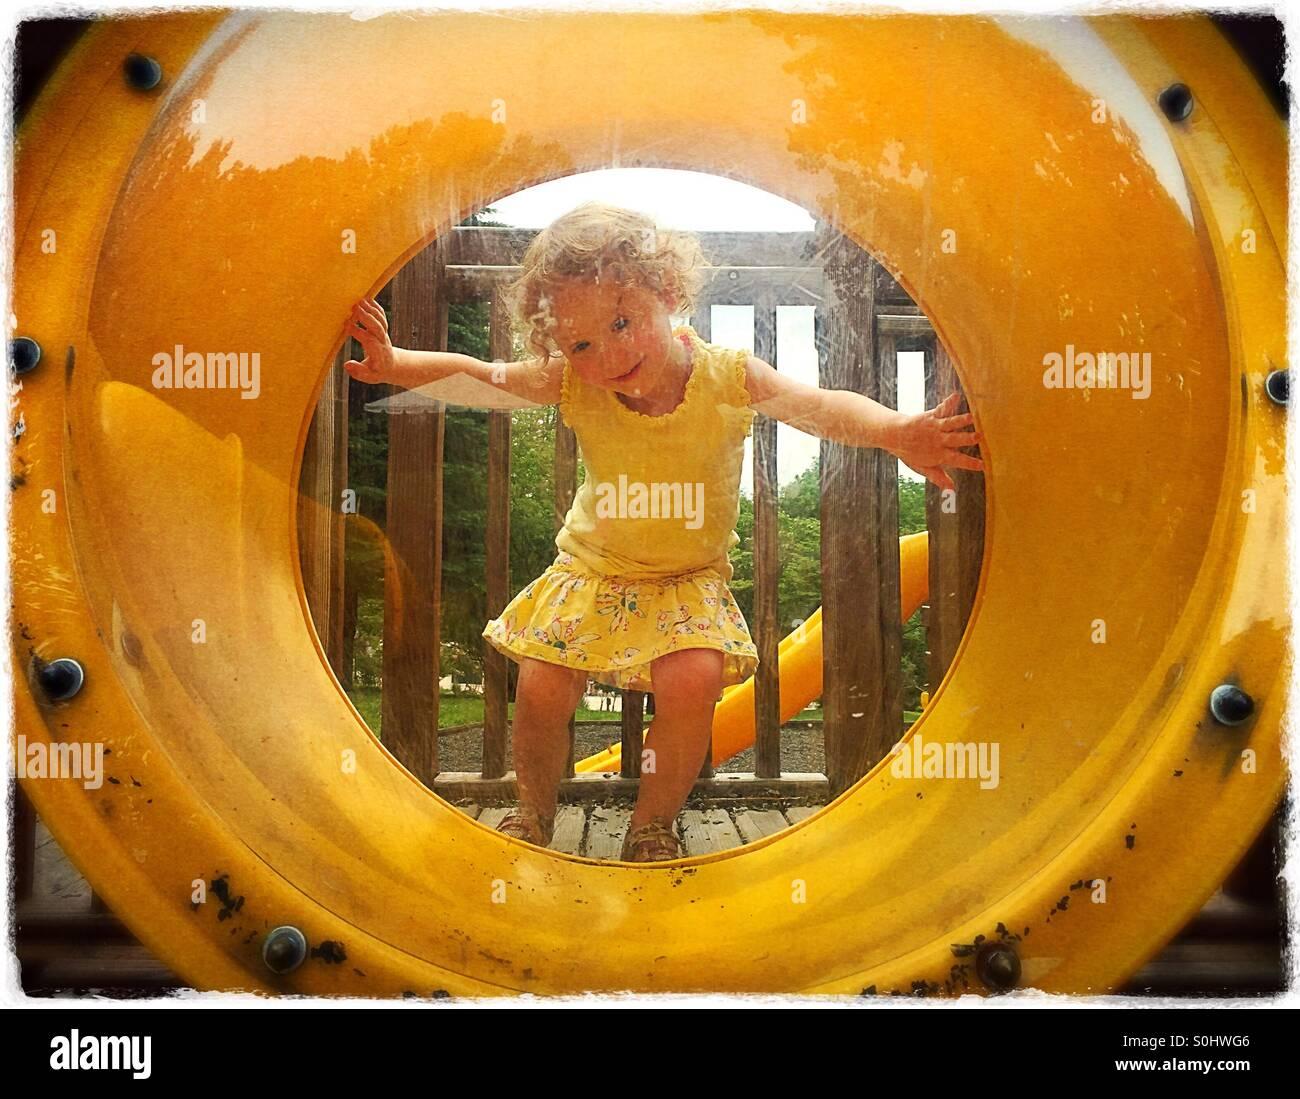 Kleinkind Mädchen auf dem Spielplatz Stockbild